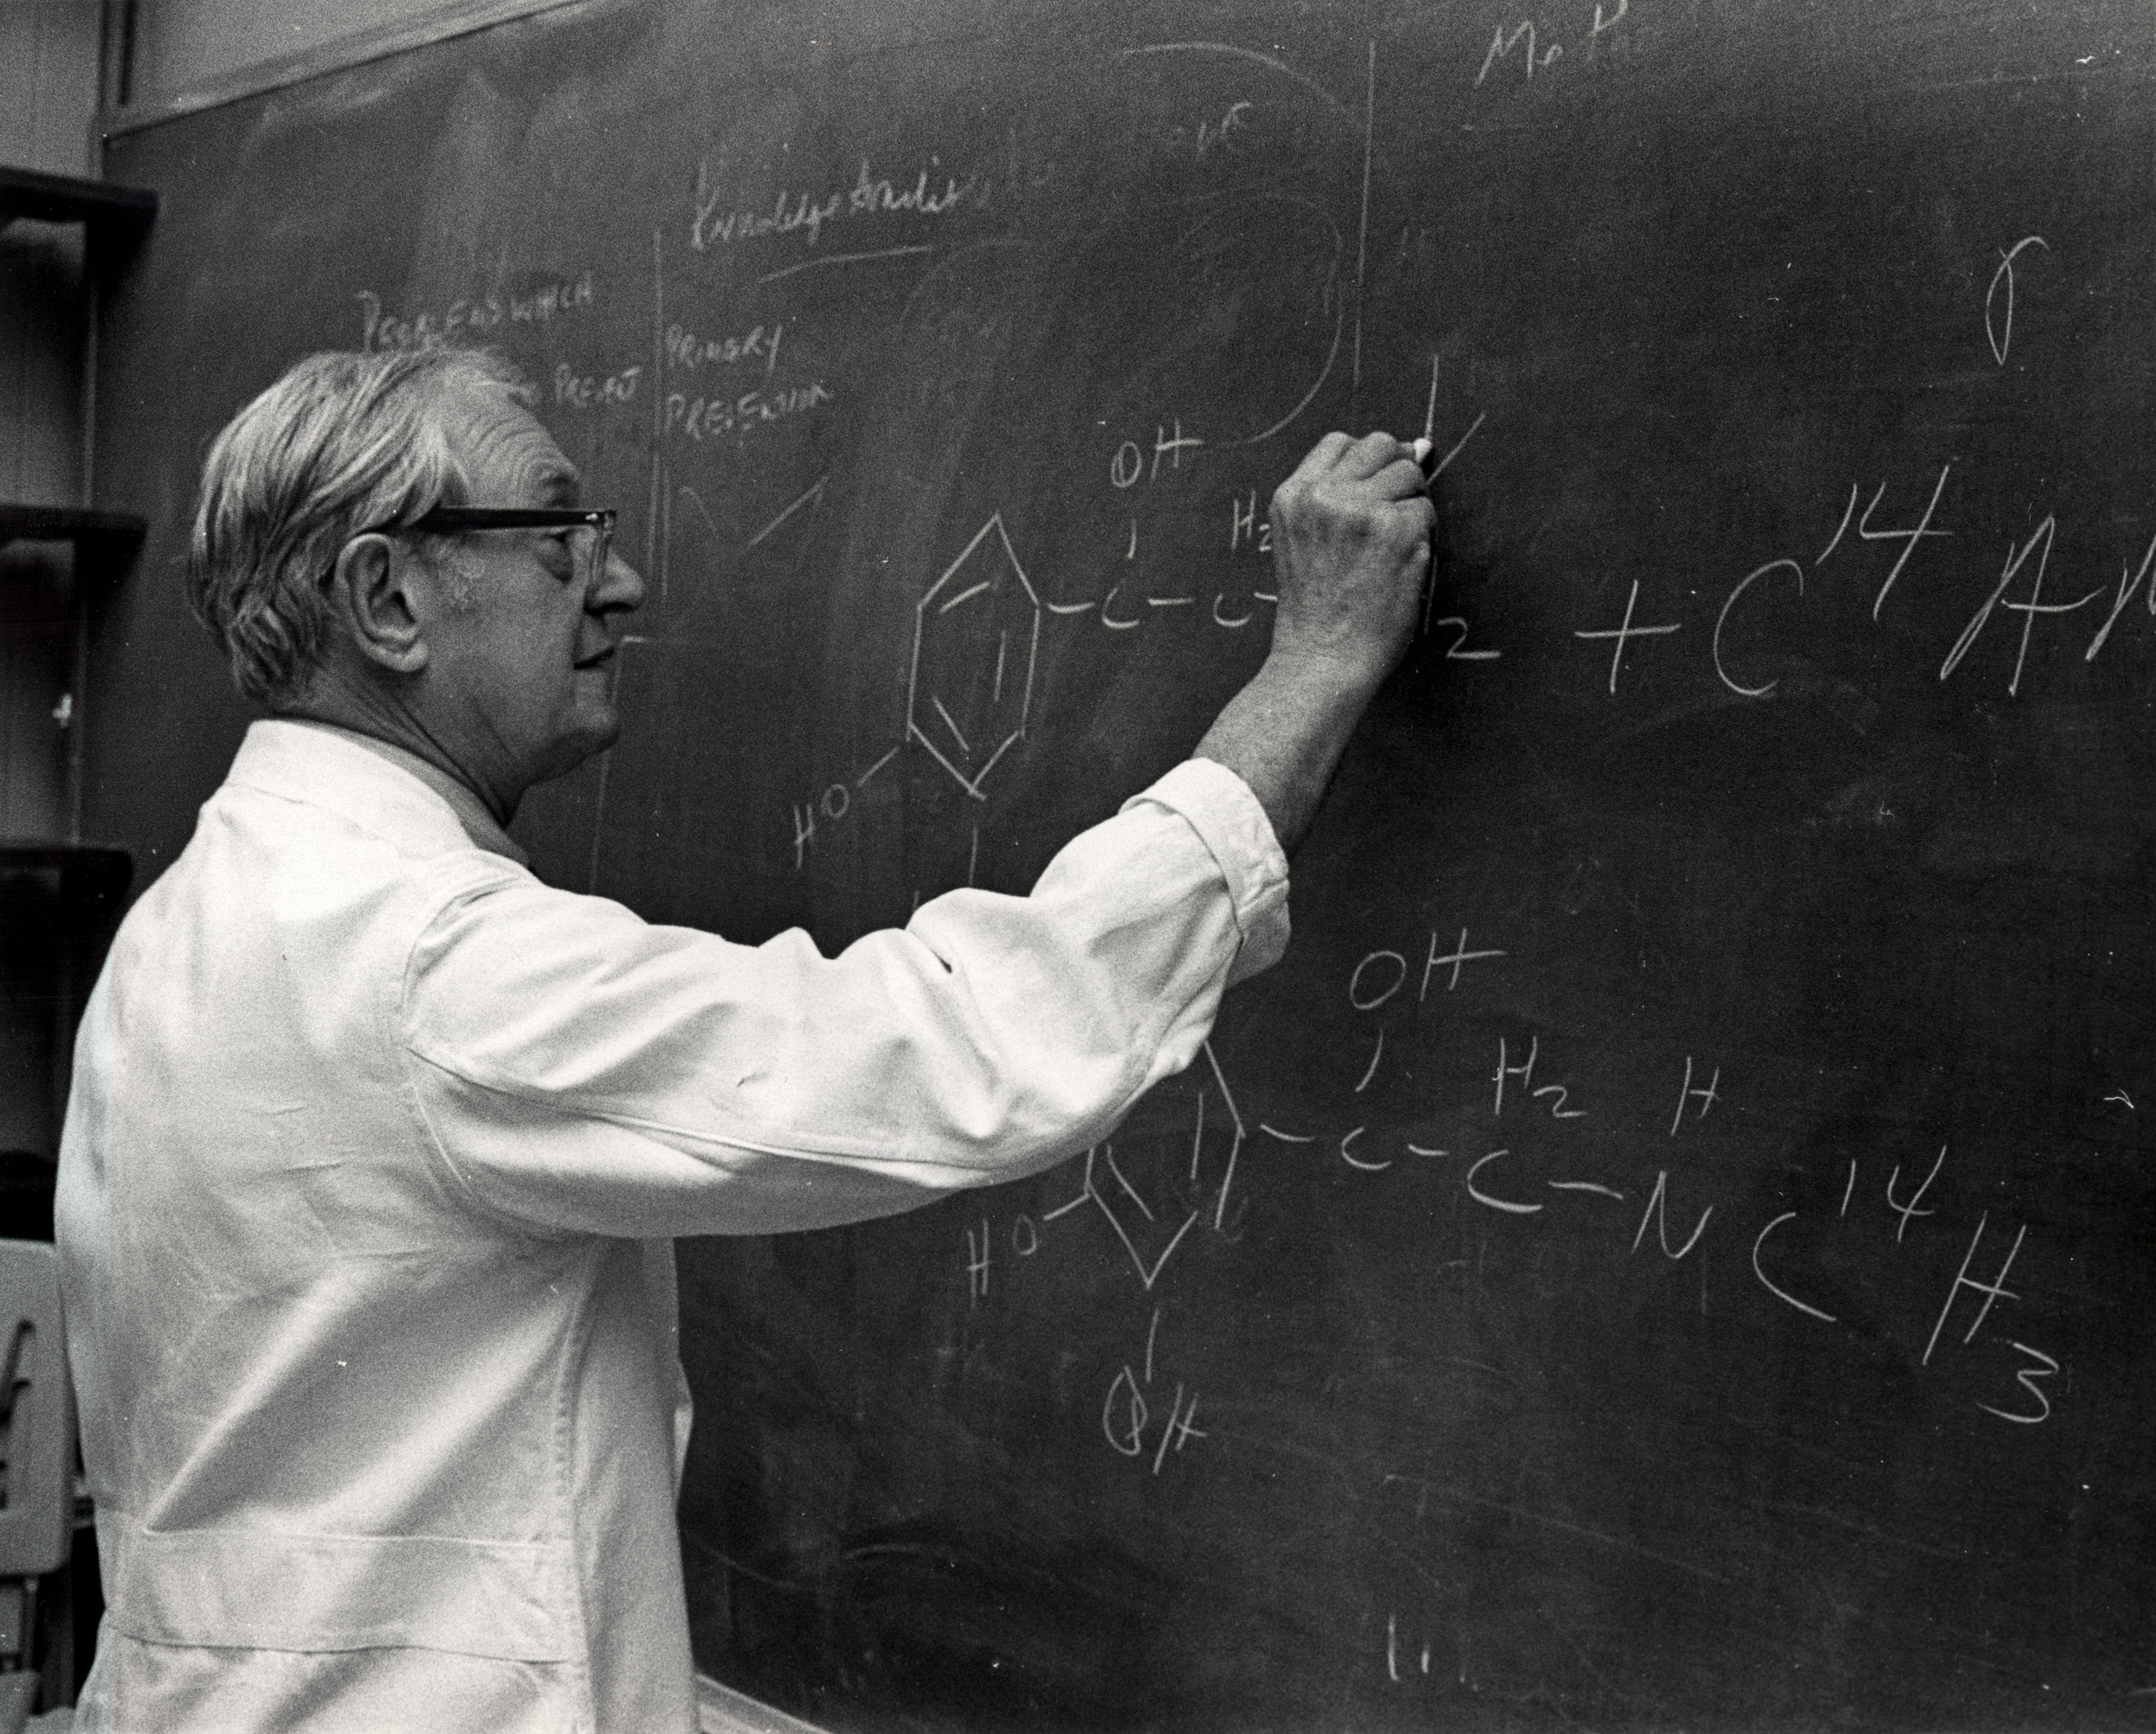 El Dr. Julius Axelrod, uno de los descubridores del Paracetamol. Fotografía de  National Institutes of Health,  marzo de 1973